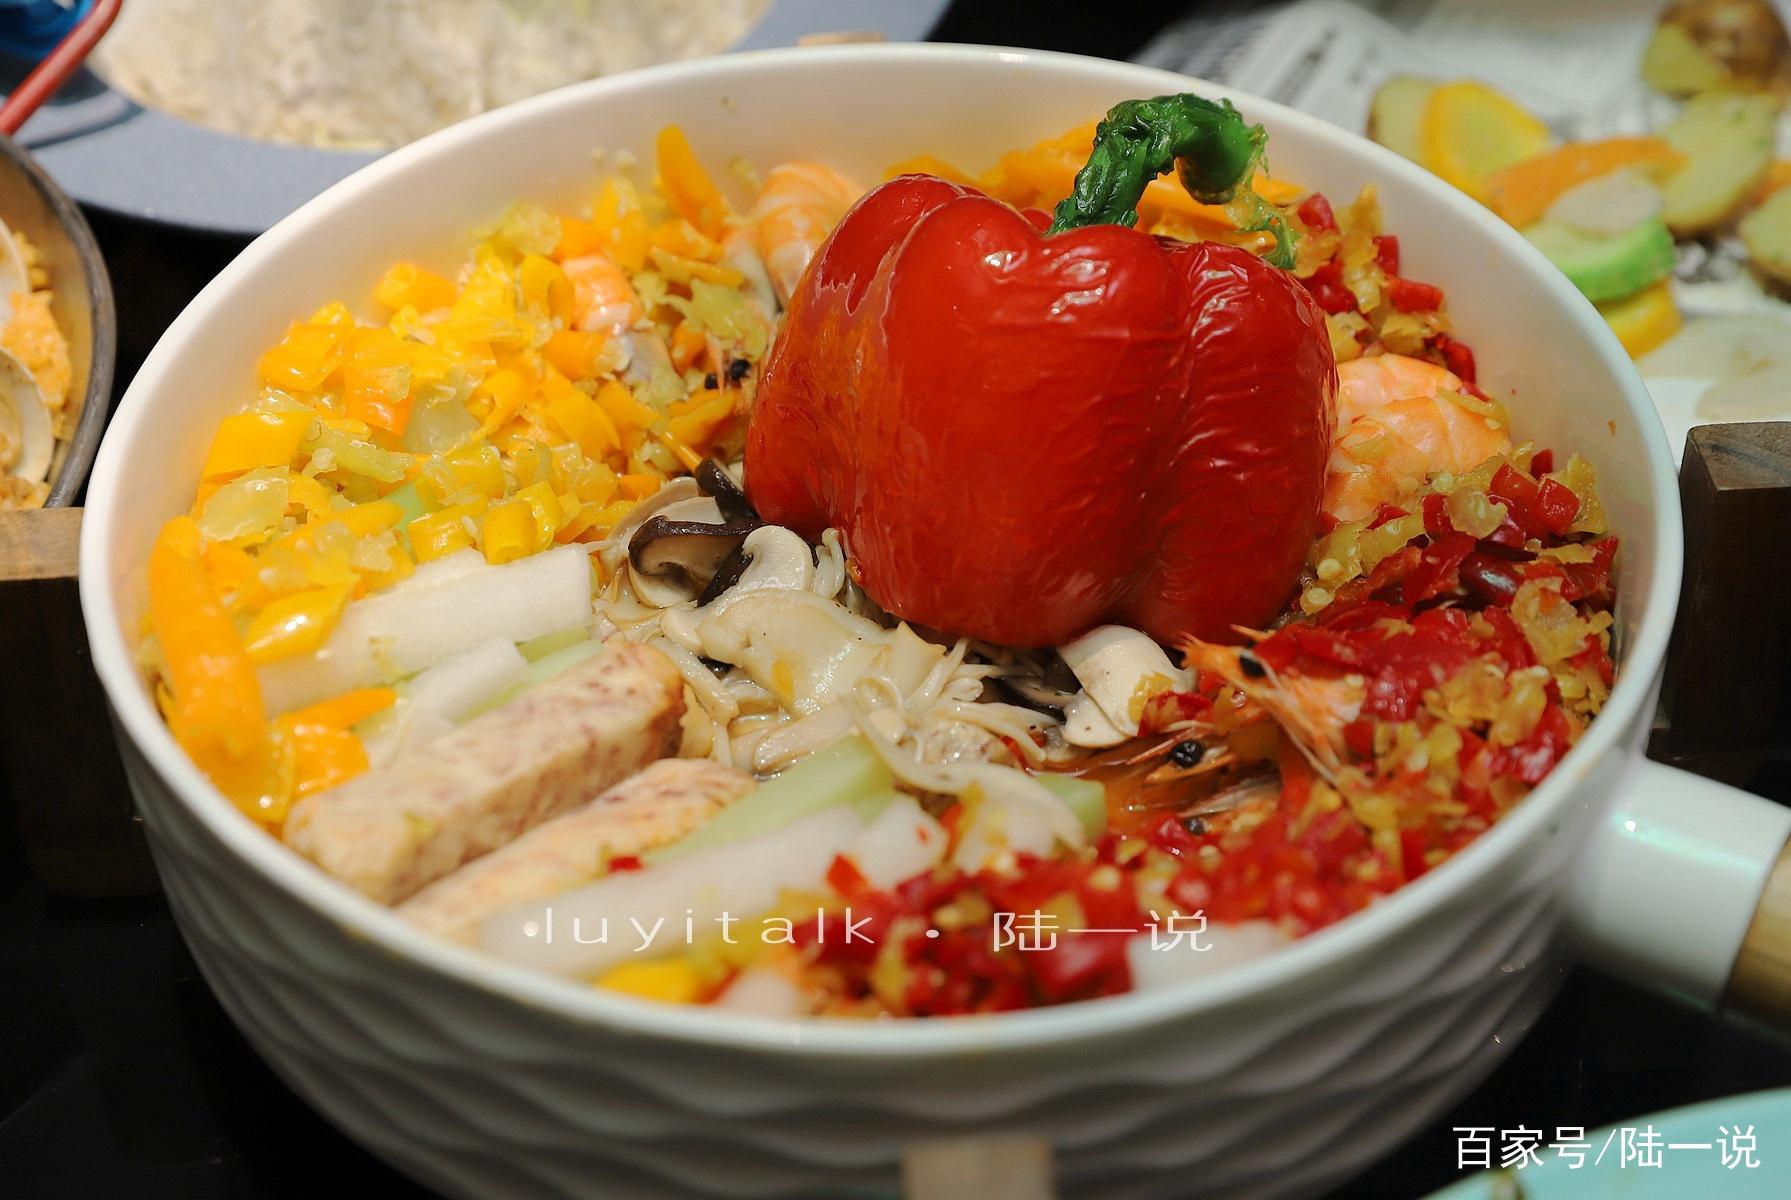 玩虾十八式,厦门这家虾店,出品几十种虾料理,人均不过百元